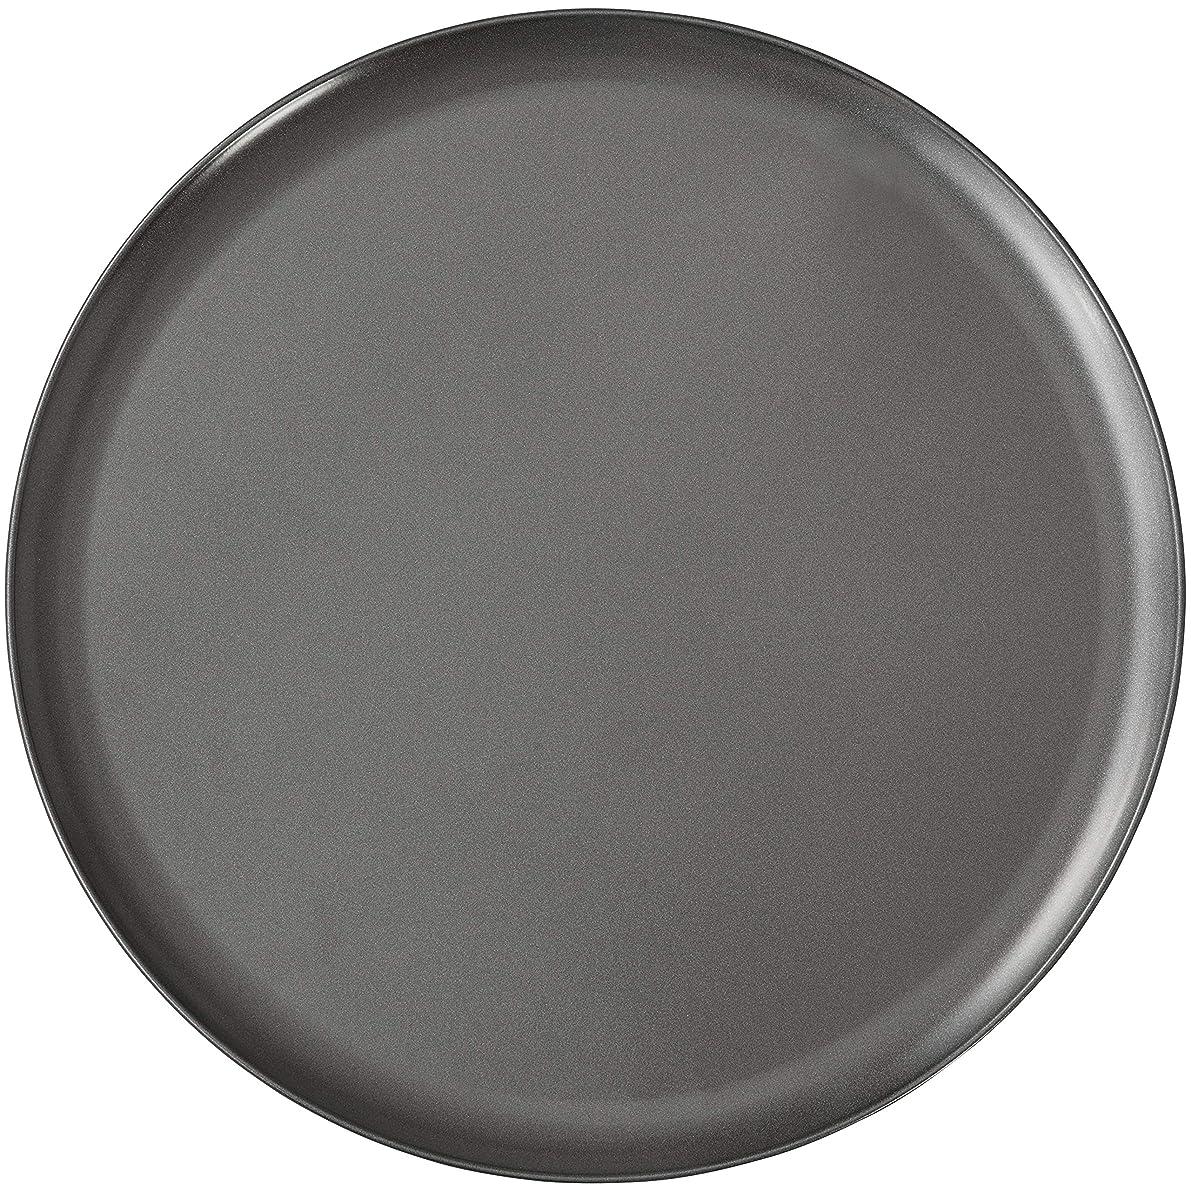 Wilton 2105-8243 Perfect Results Premium Non-Stick Bakeware Pizza Pan, 14-Inch, 14 inch